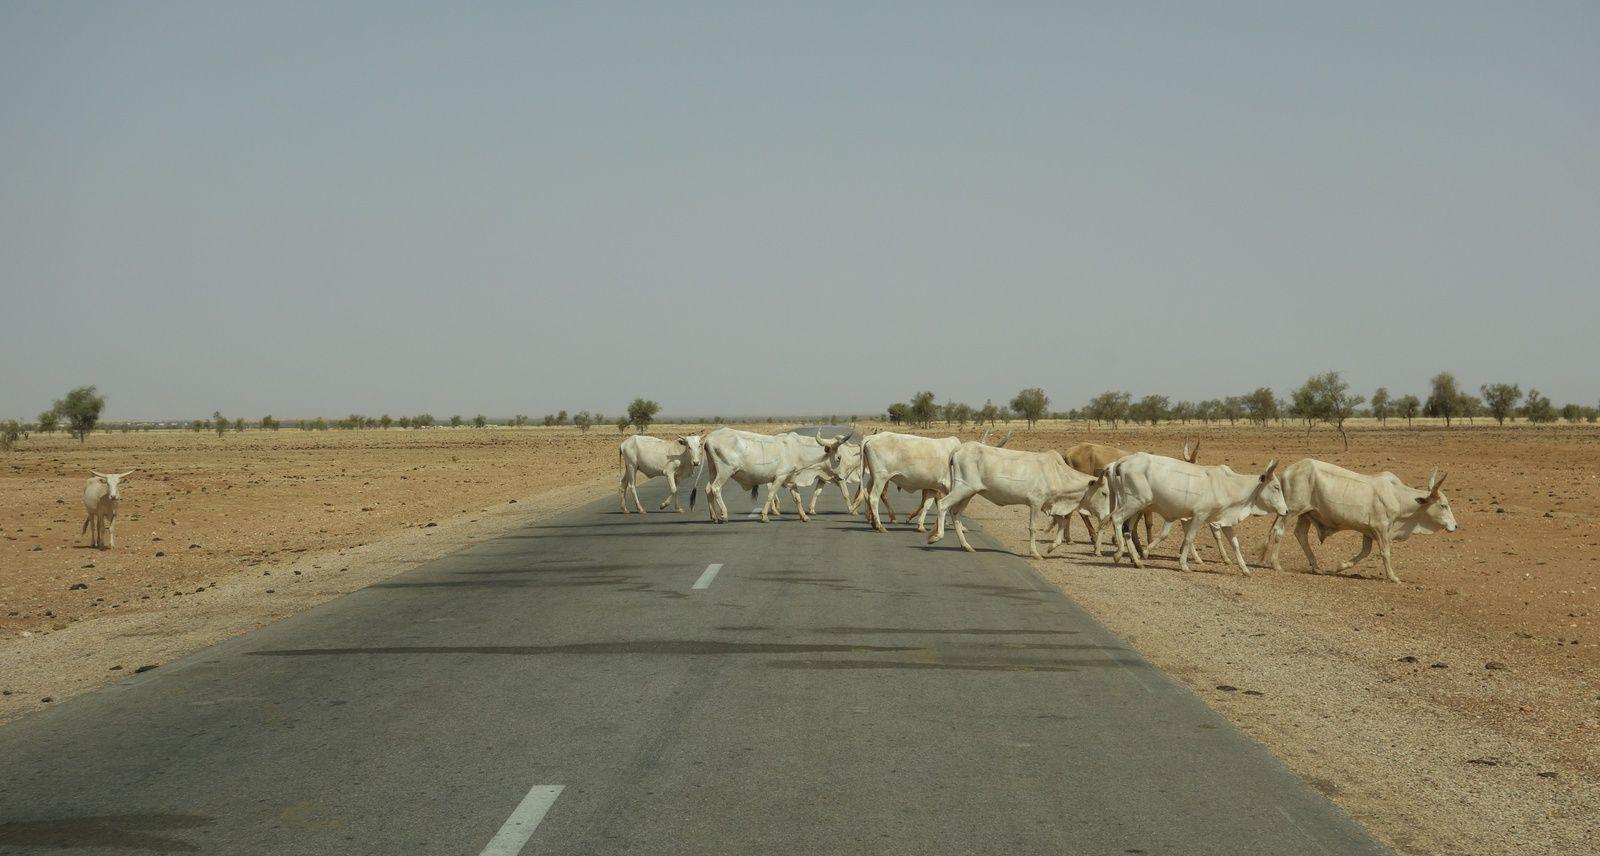 Passage de troupeaux, sur la route entre Gorgol et Guidimakha, deux régions du sud de la Mauritanie.